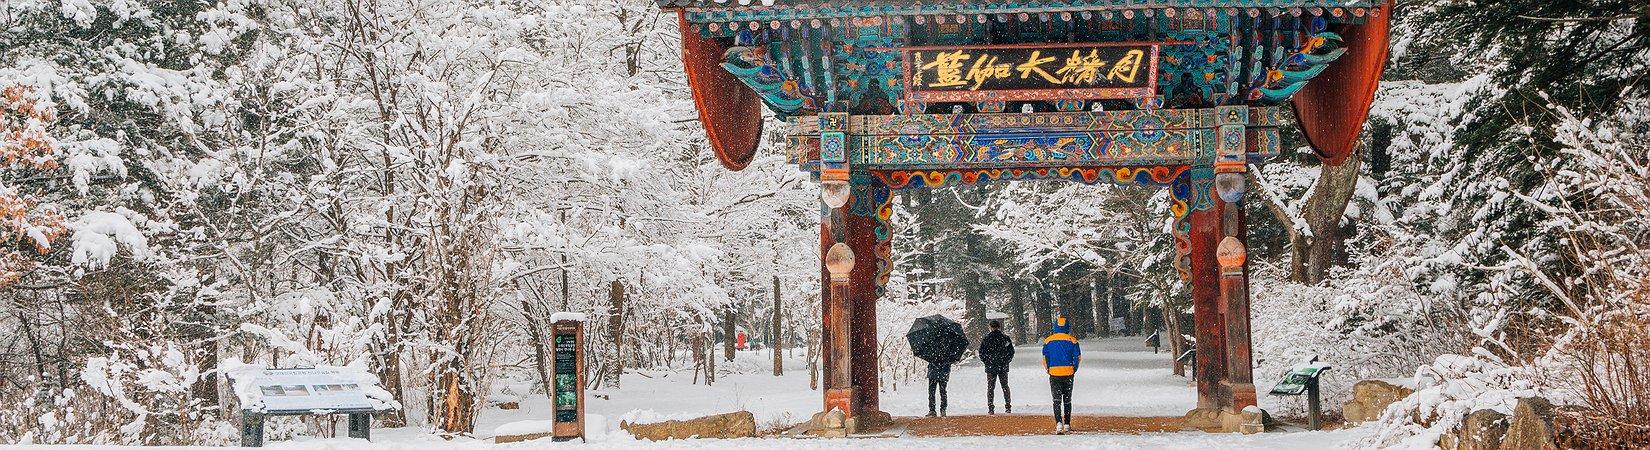 Así es la vida en Pyeongchang, la capital de los Juegos Olímpicos de 2018